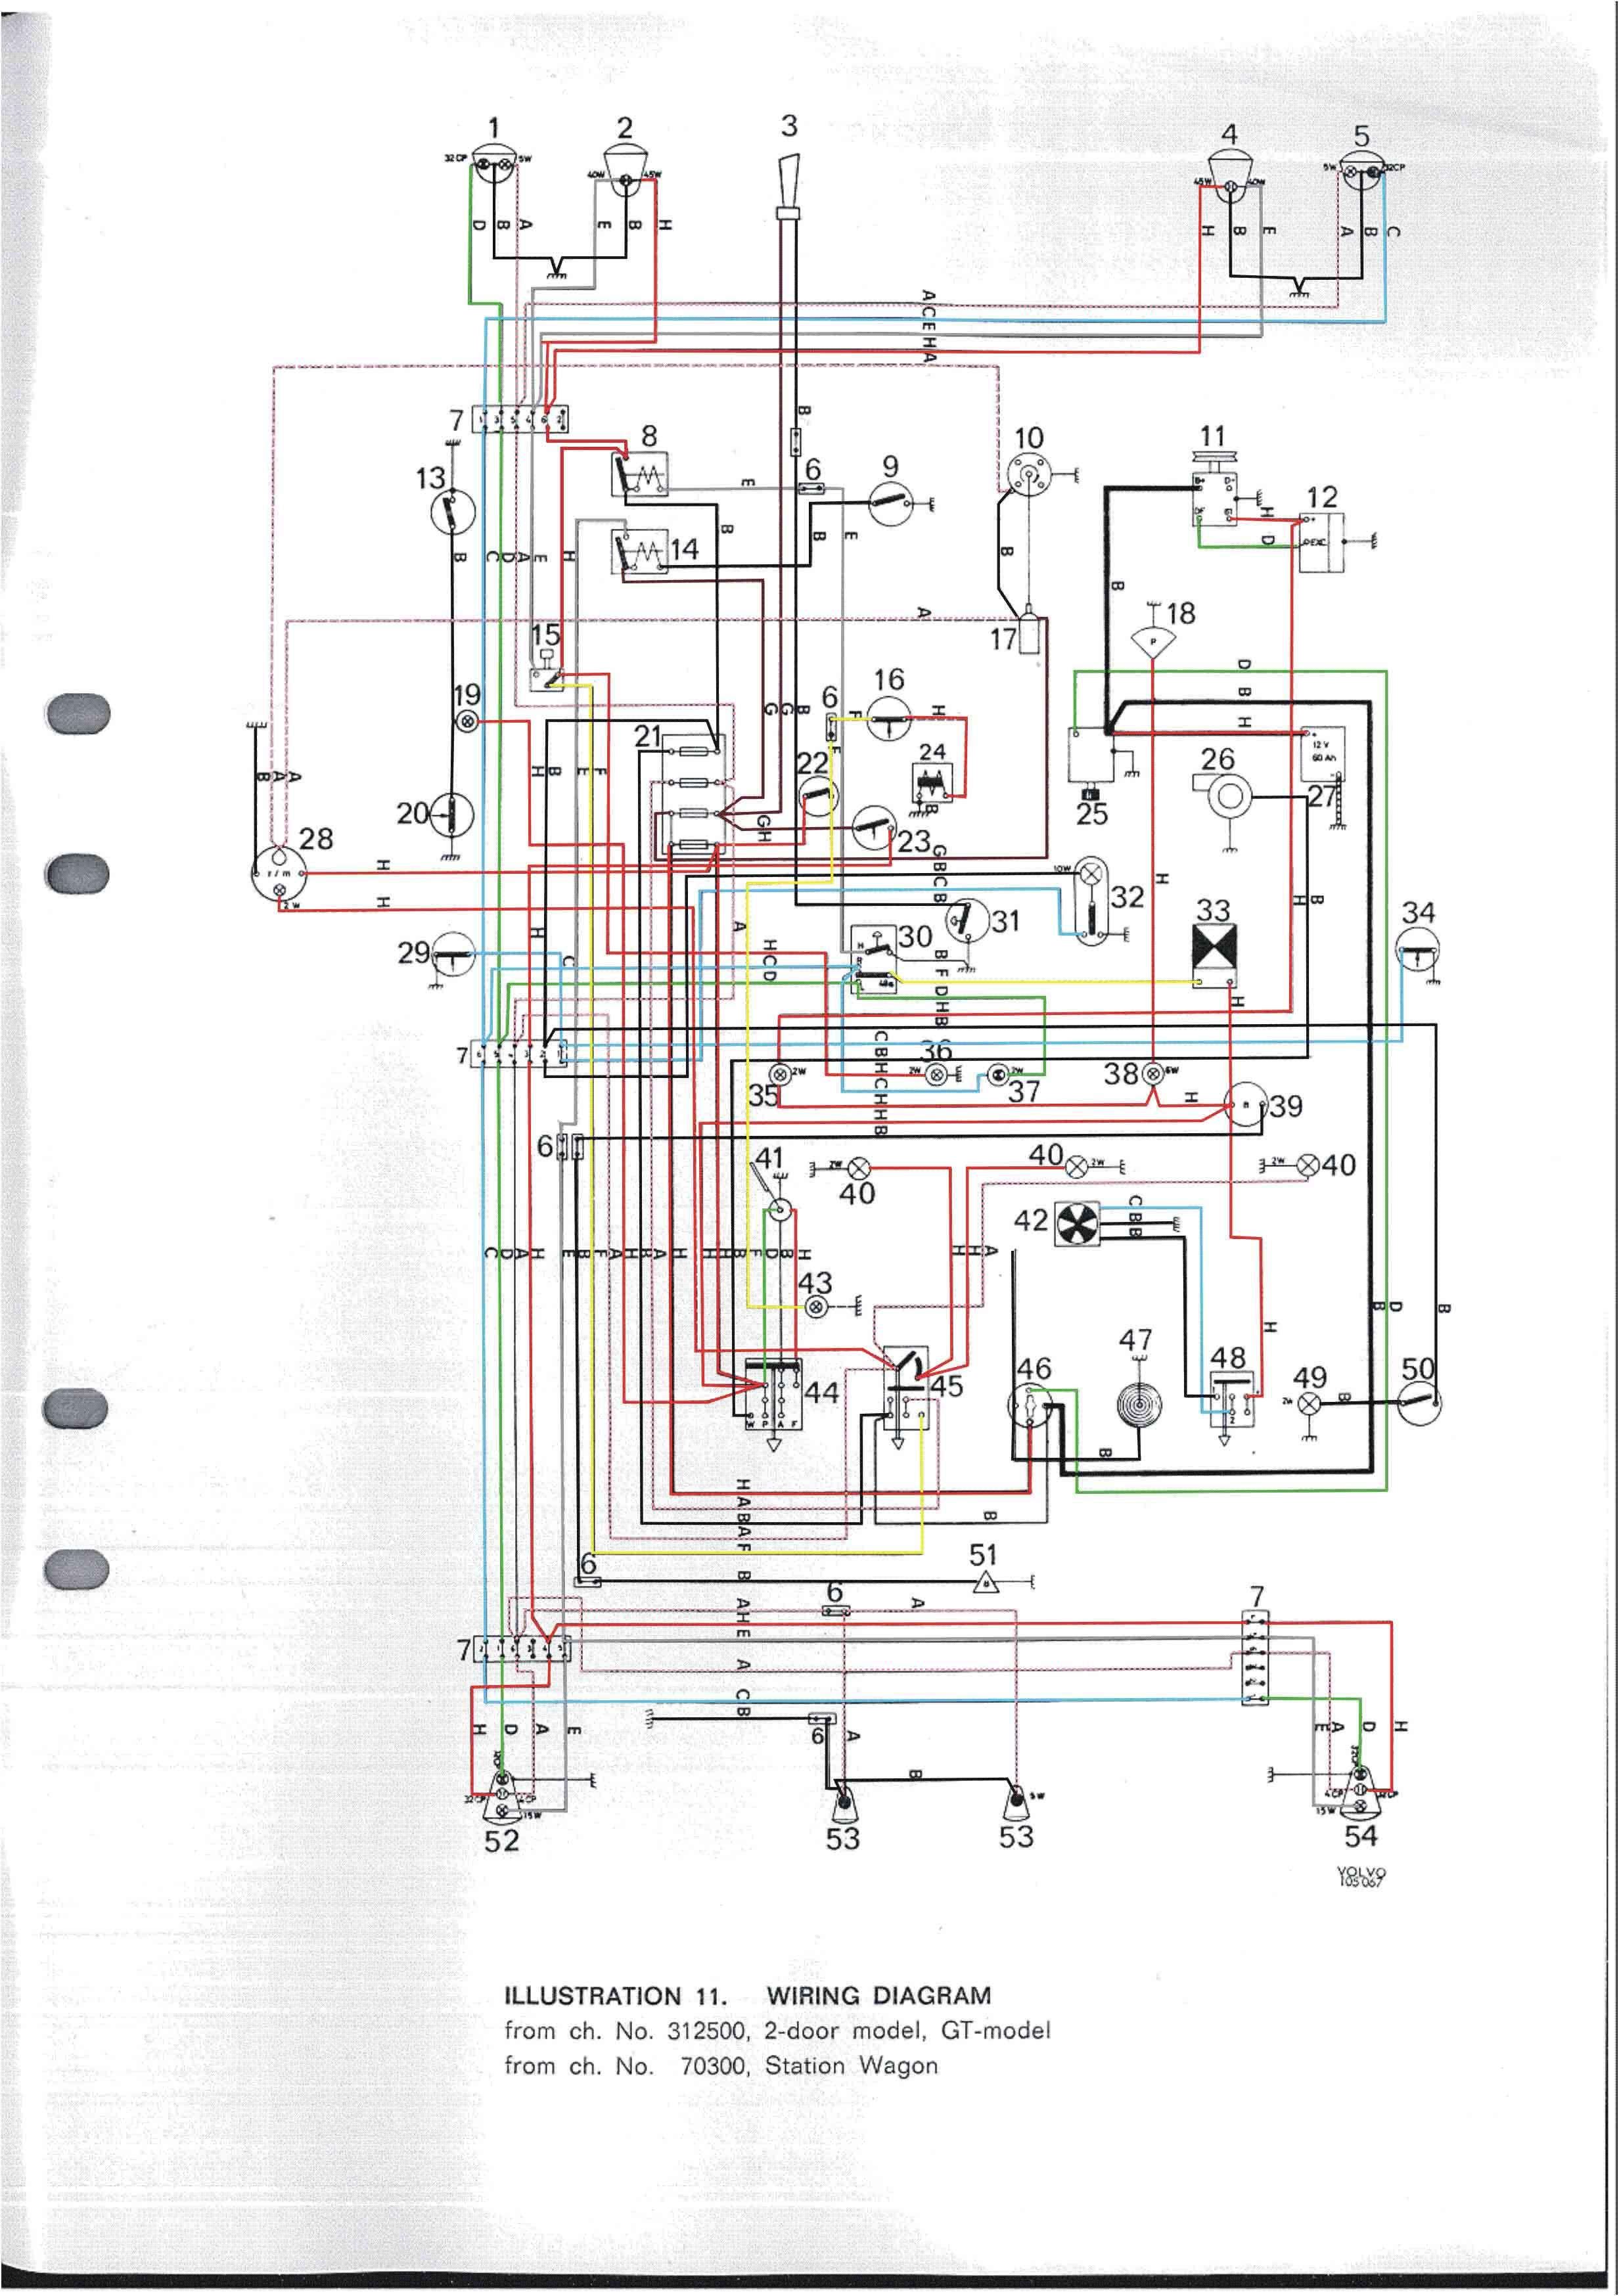 Volvo Penta Gxi Wiring Diagram